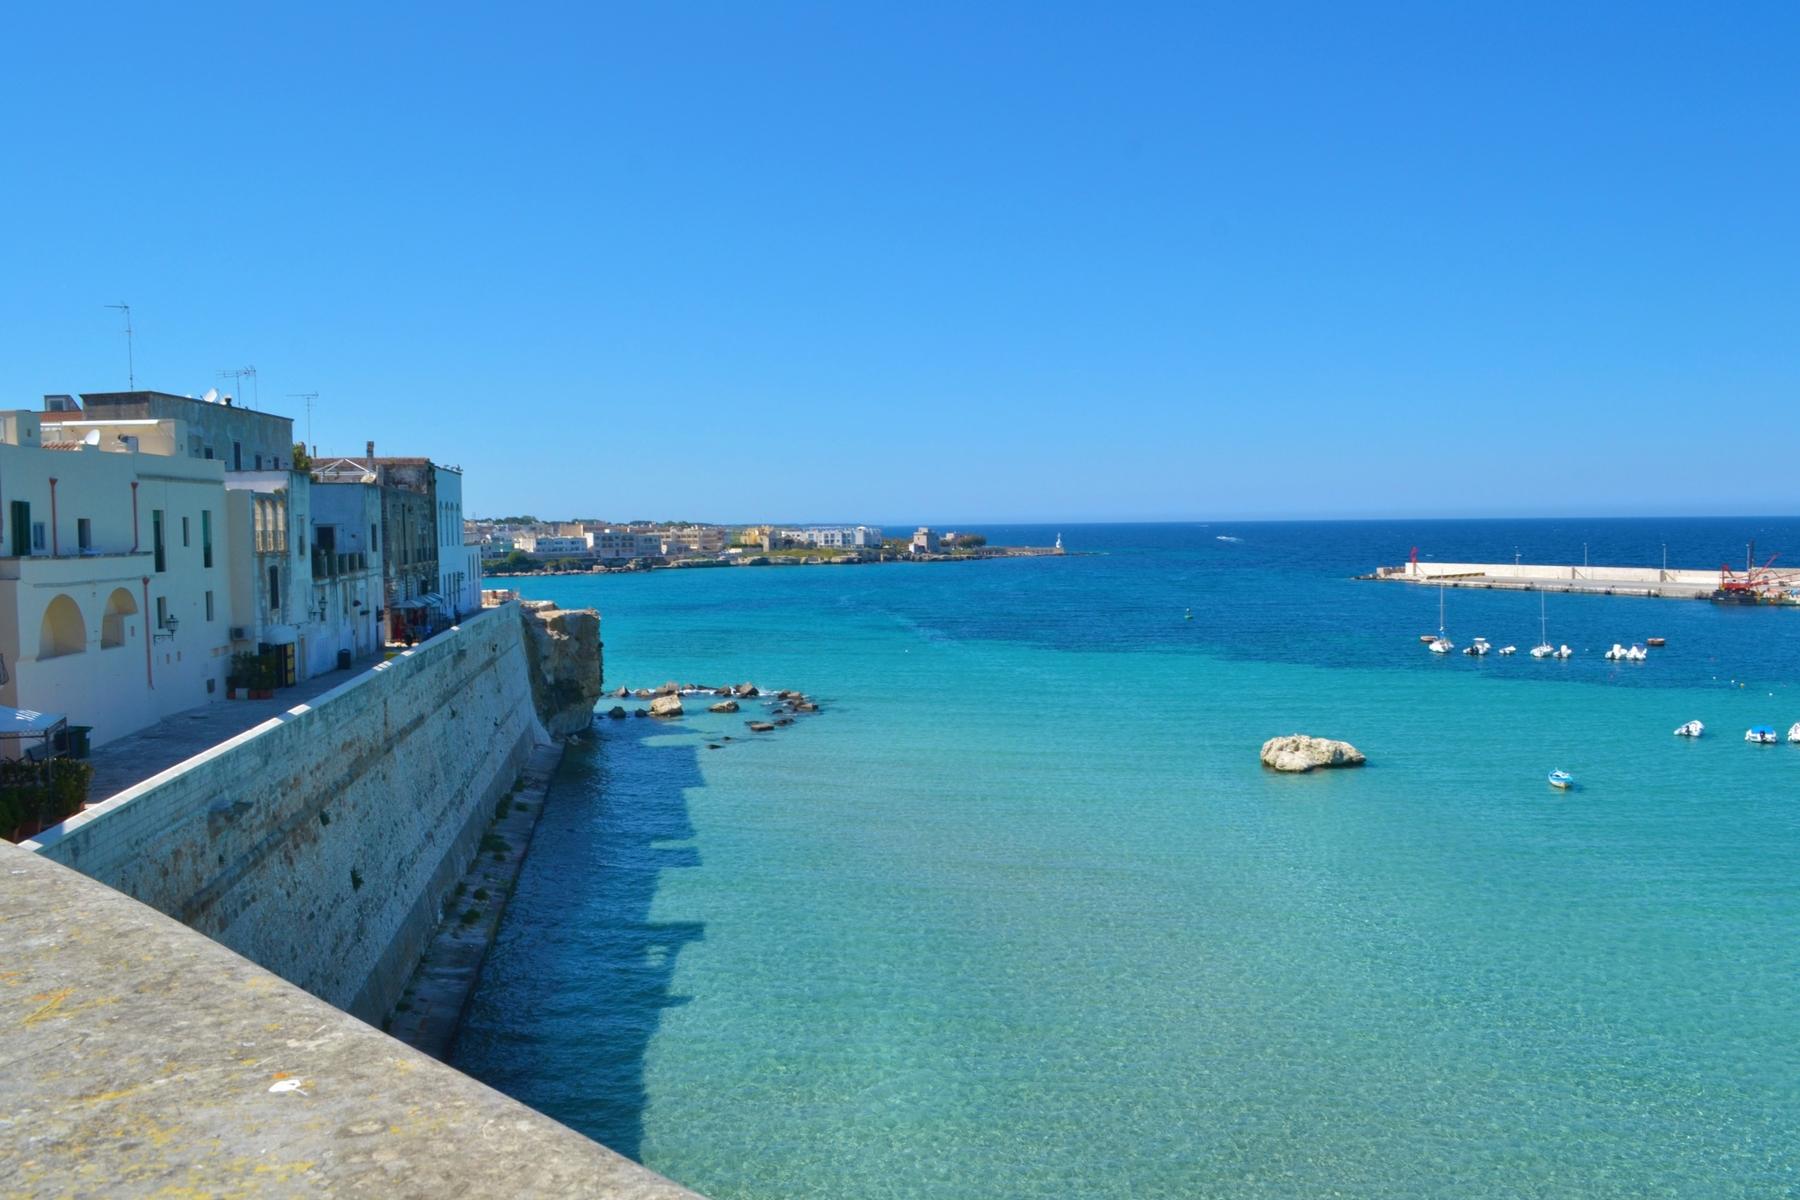 Città sul mare in Italia - Otranto